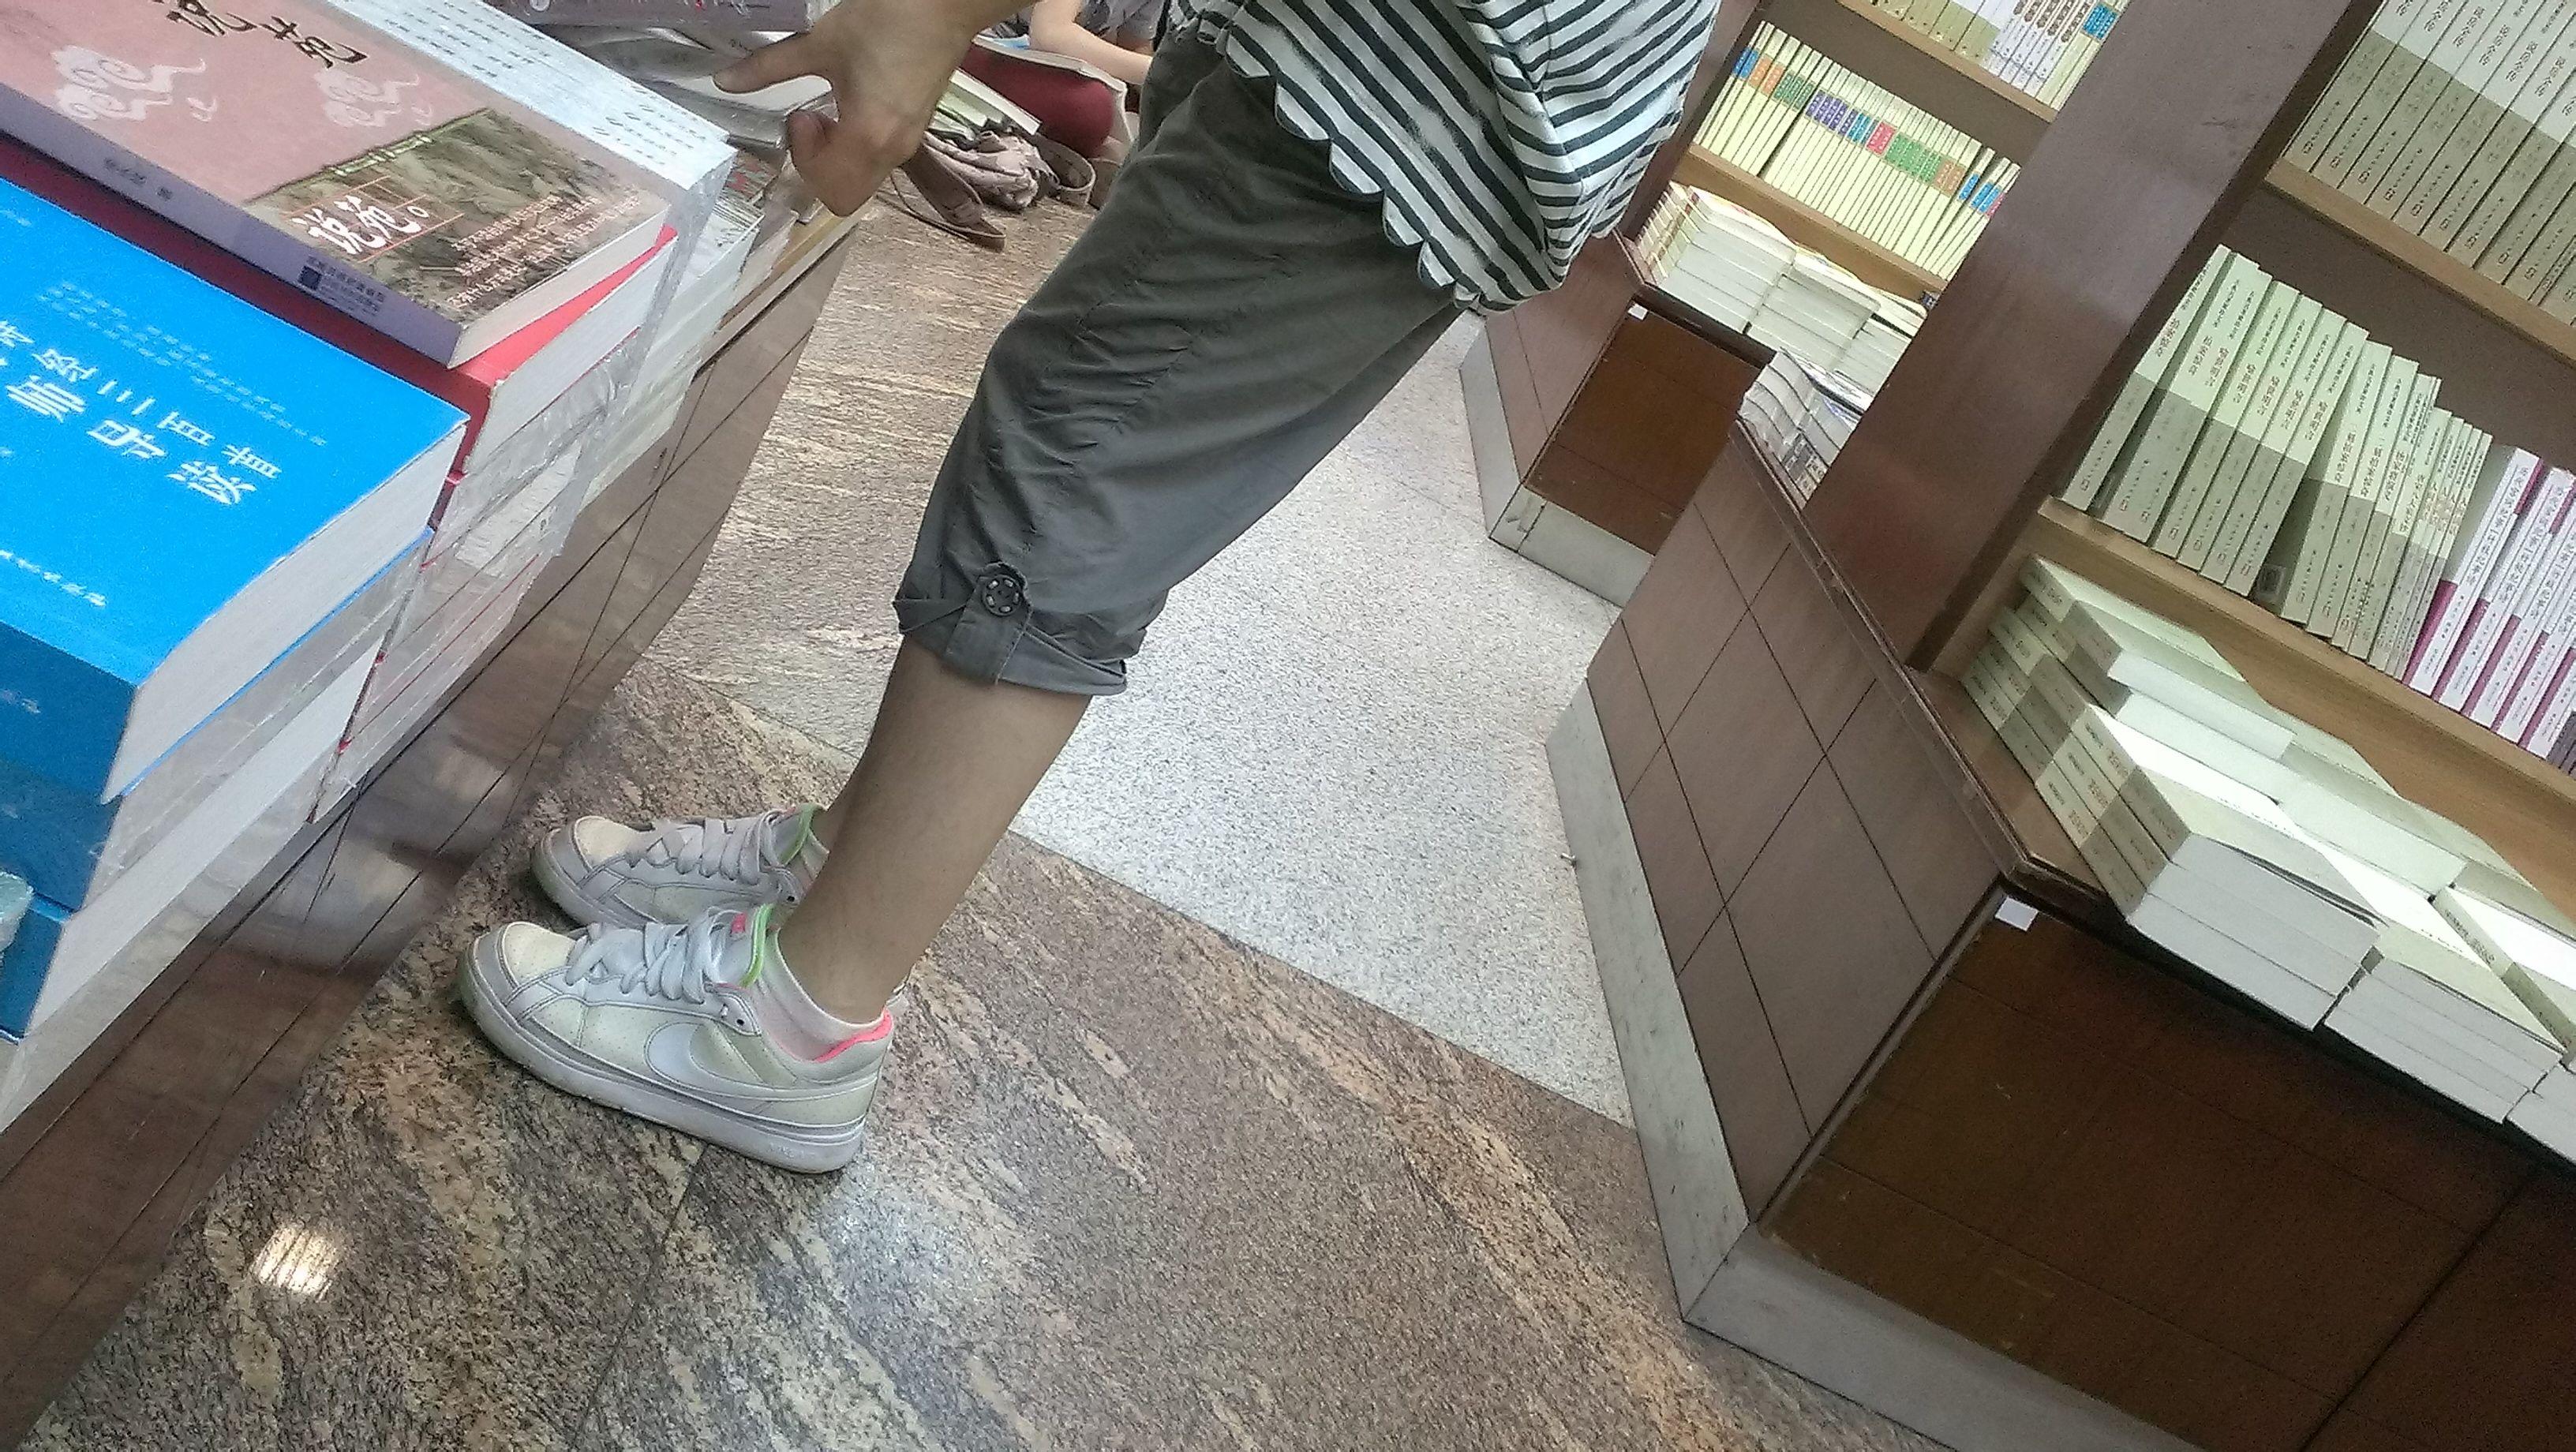 为什么还有女生选择板鞋+棉袜的组合